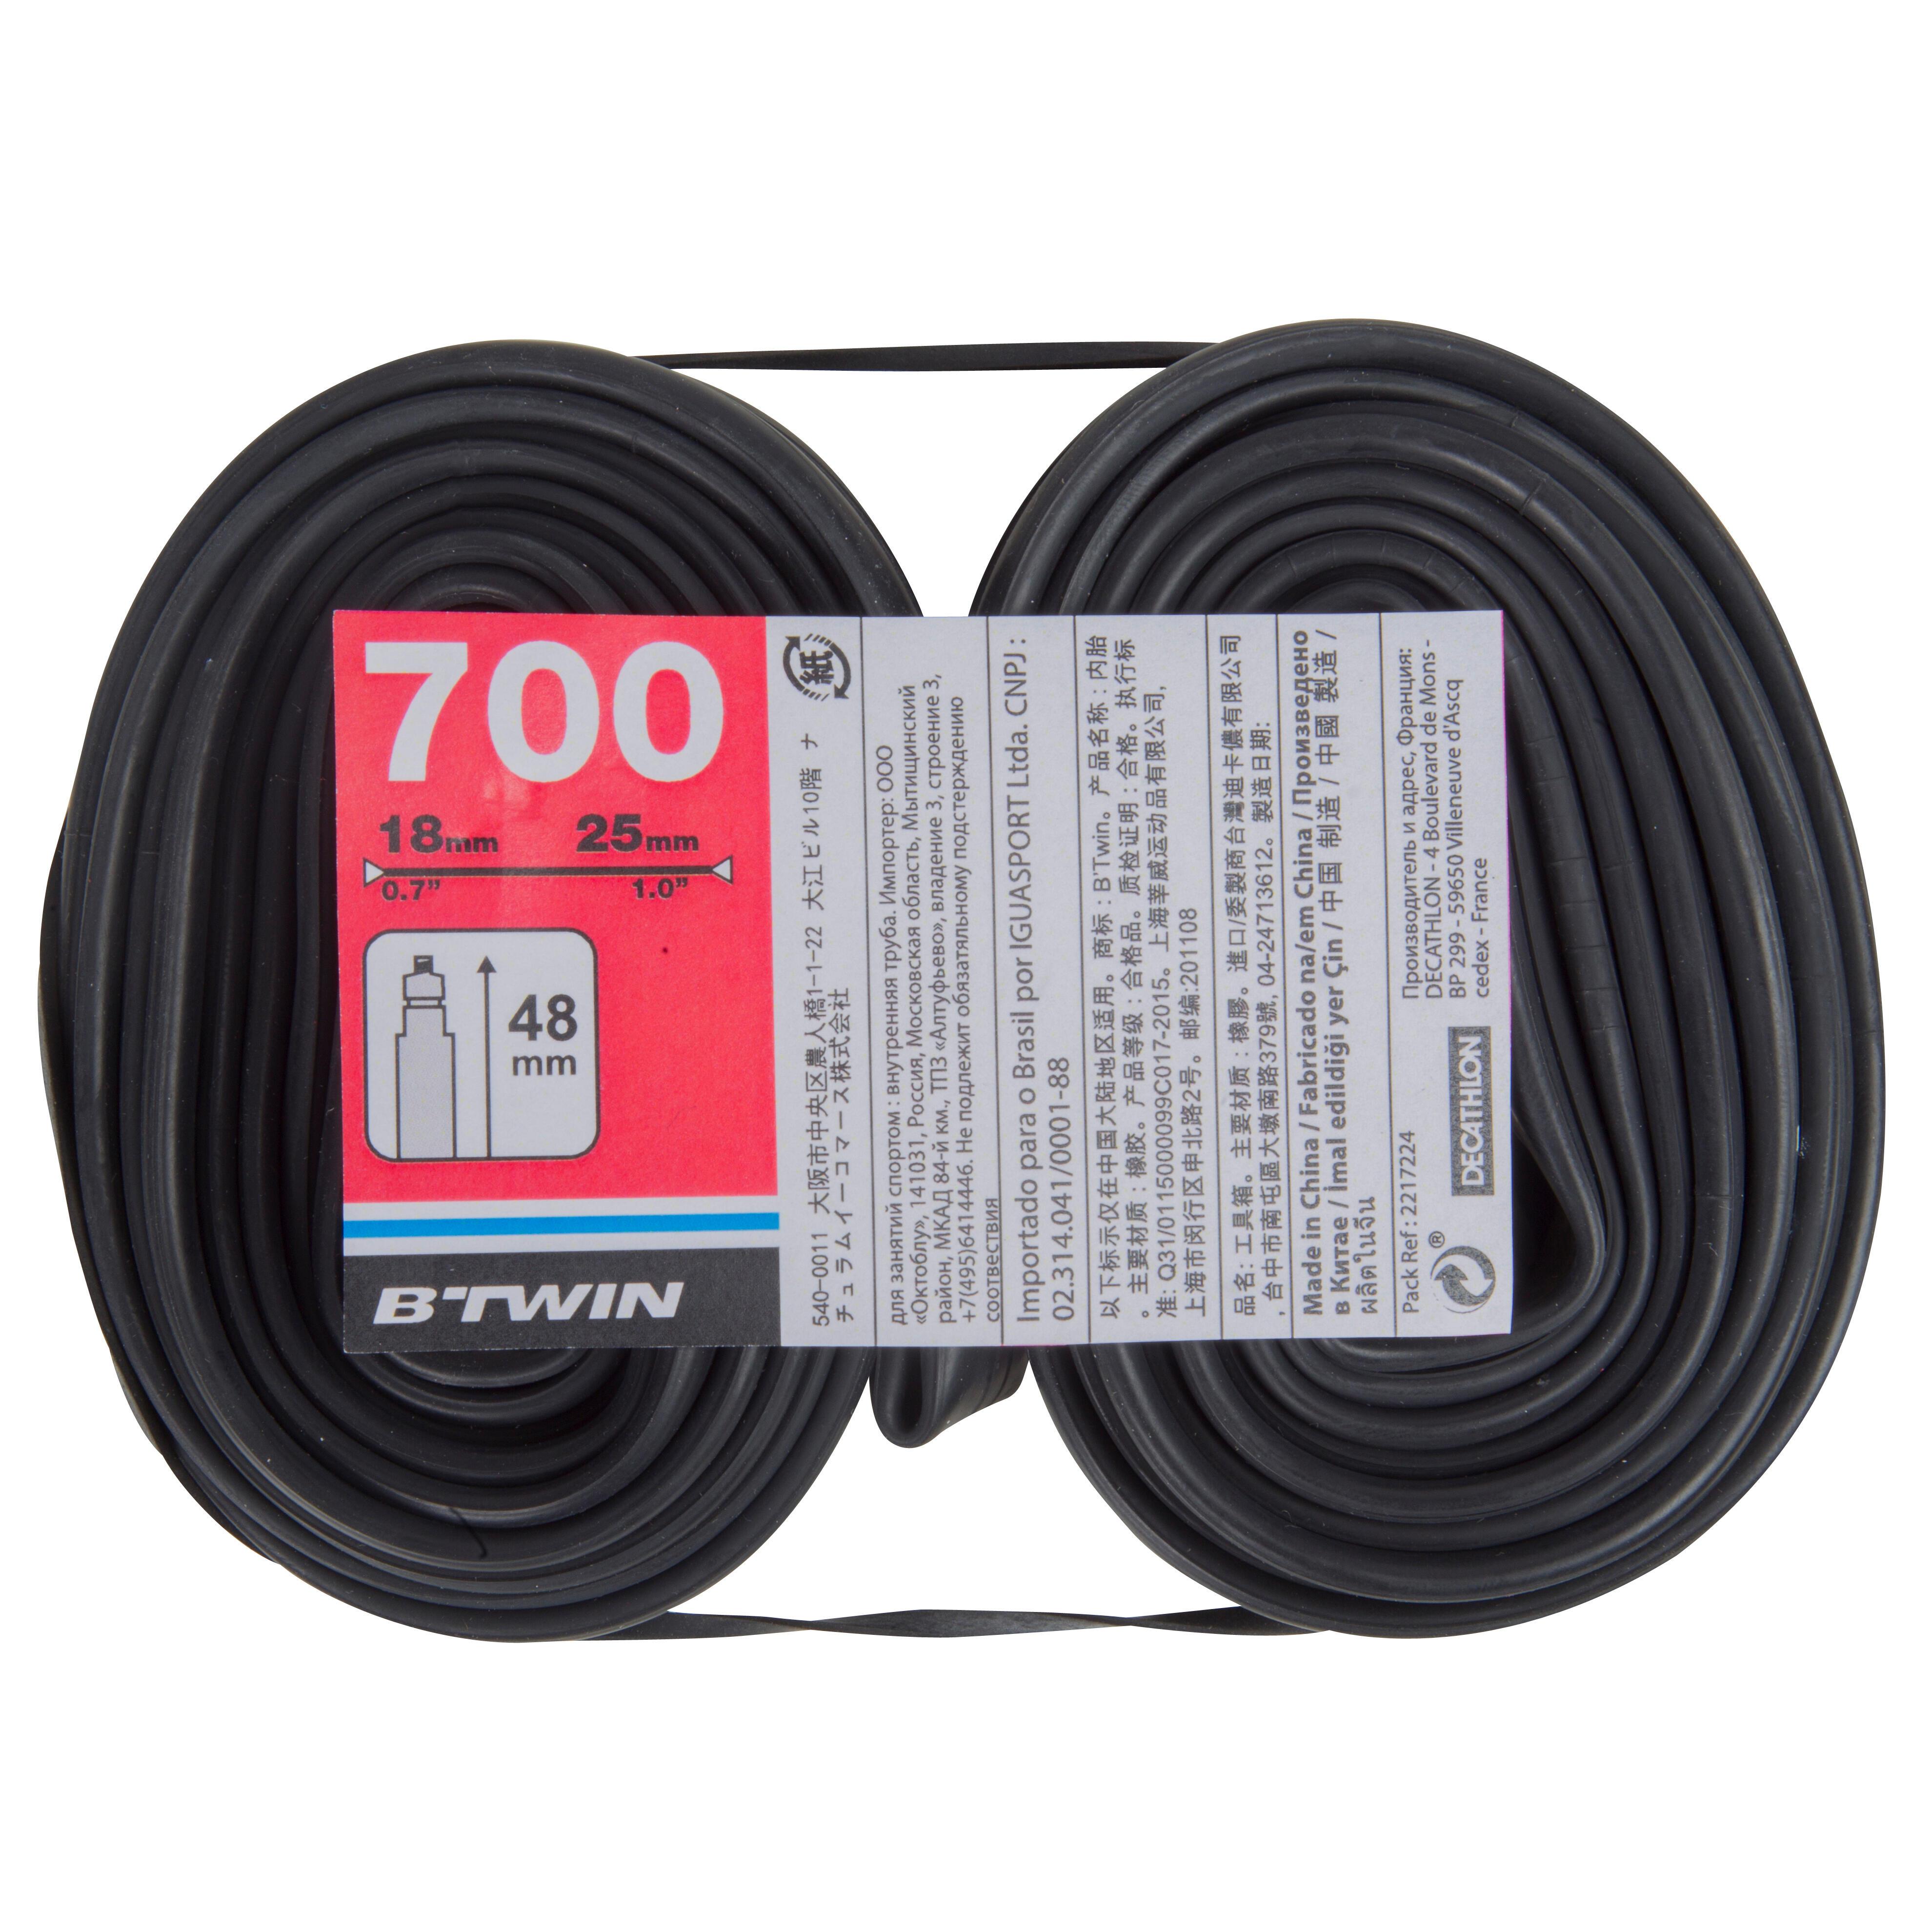 700x18-25 Inner Tube Twin-Pack - Presta Valve 48 mm